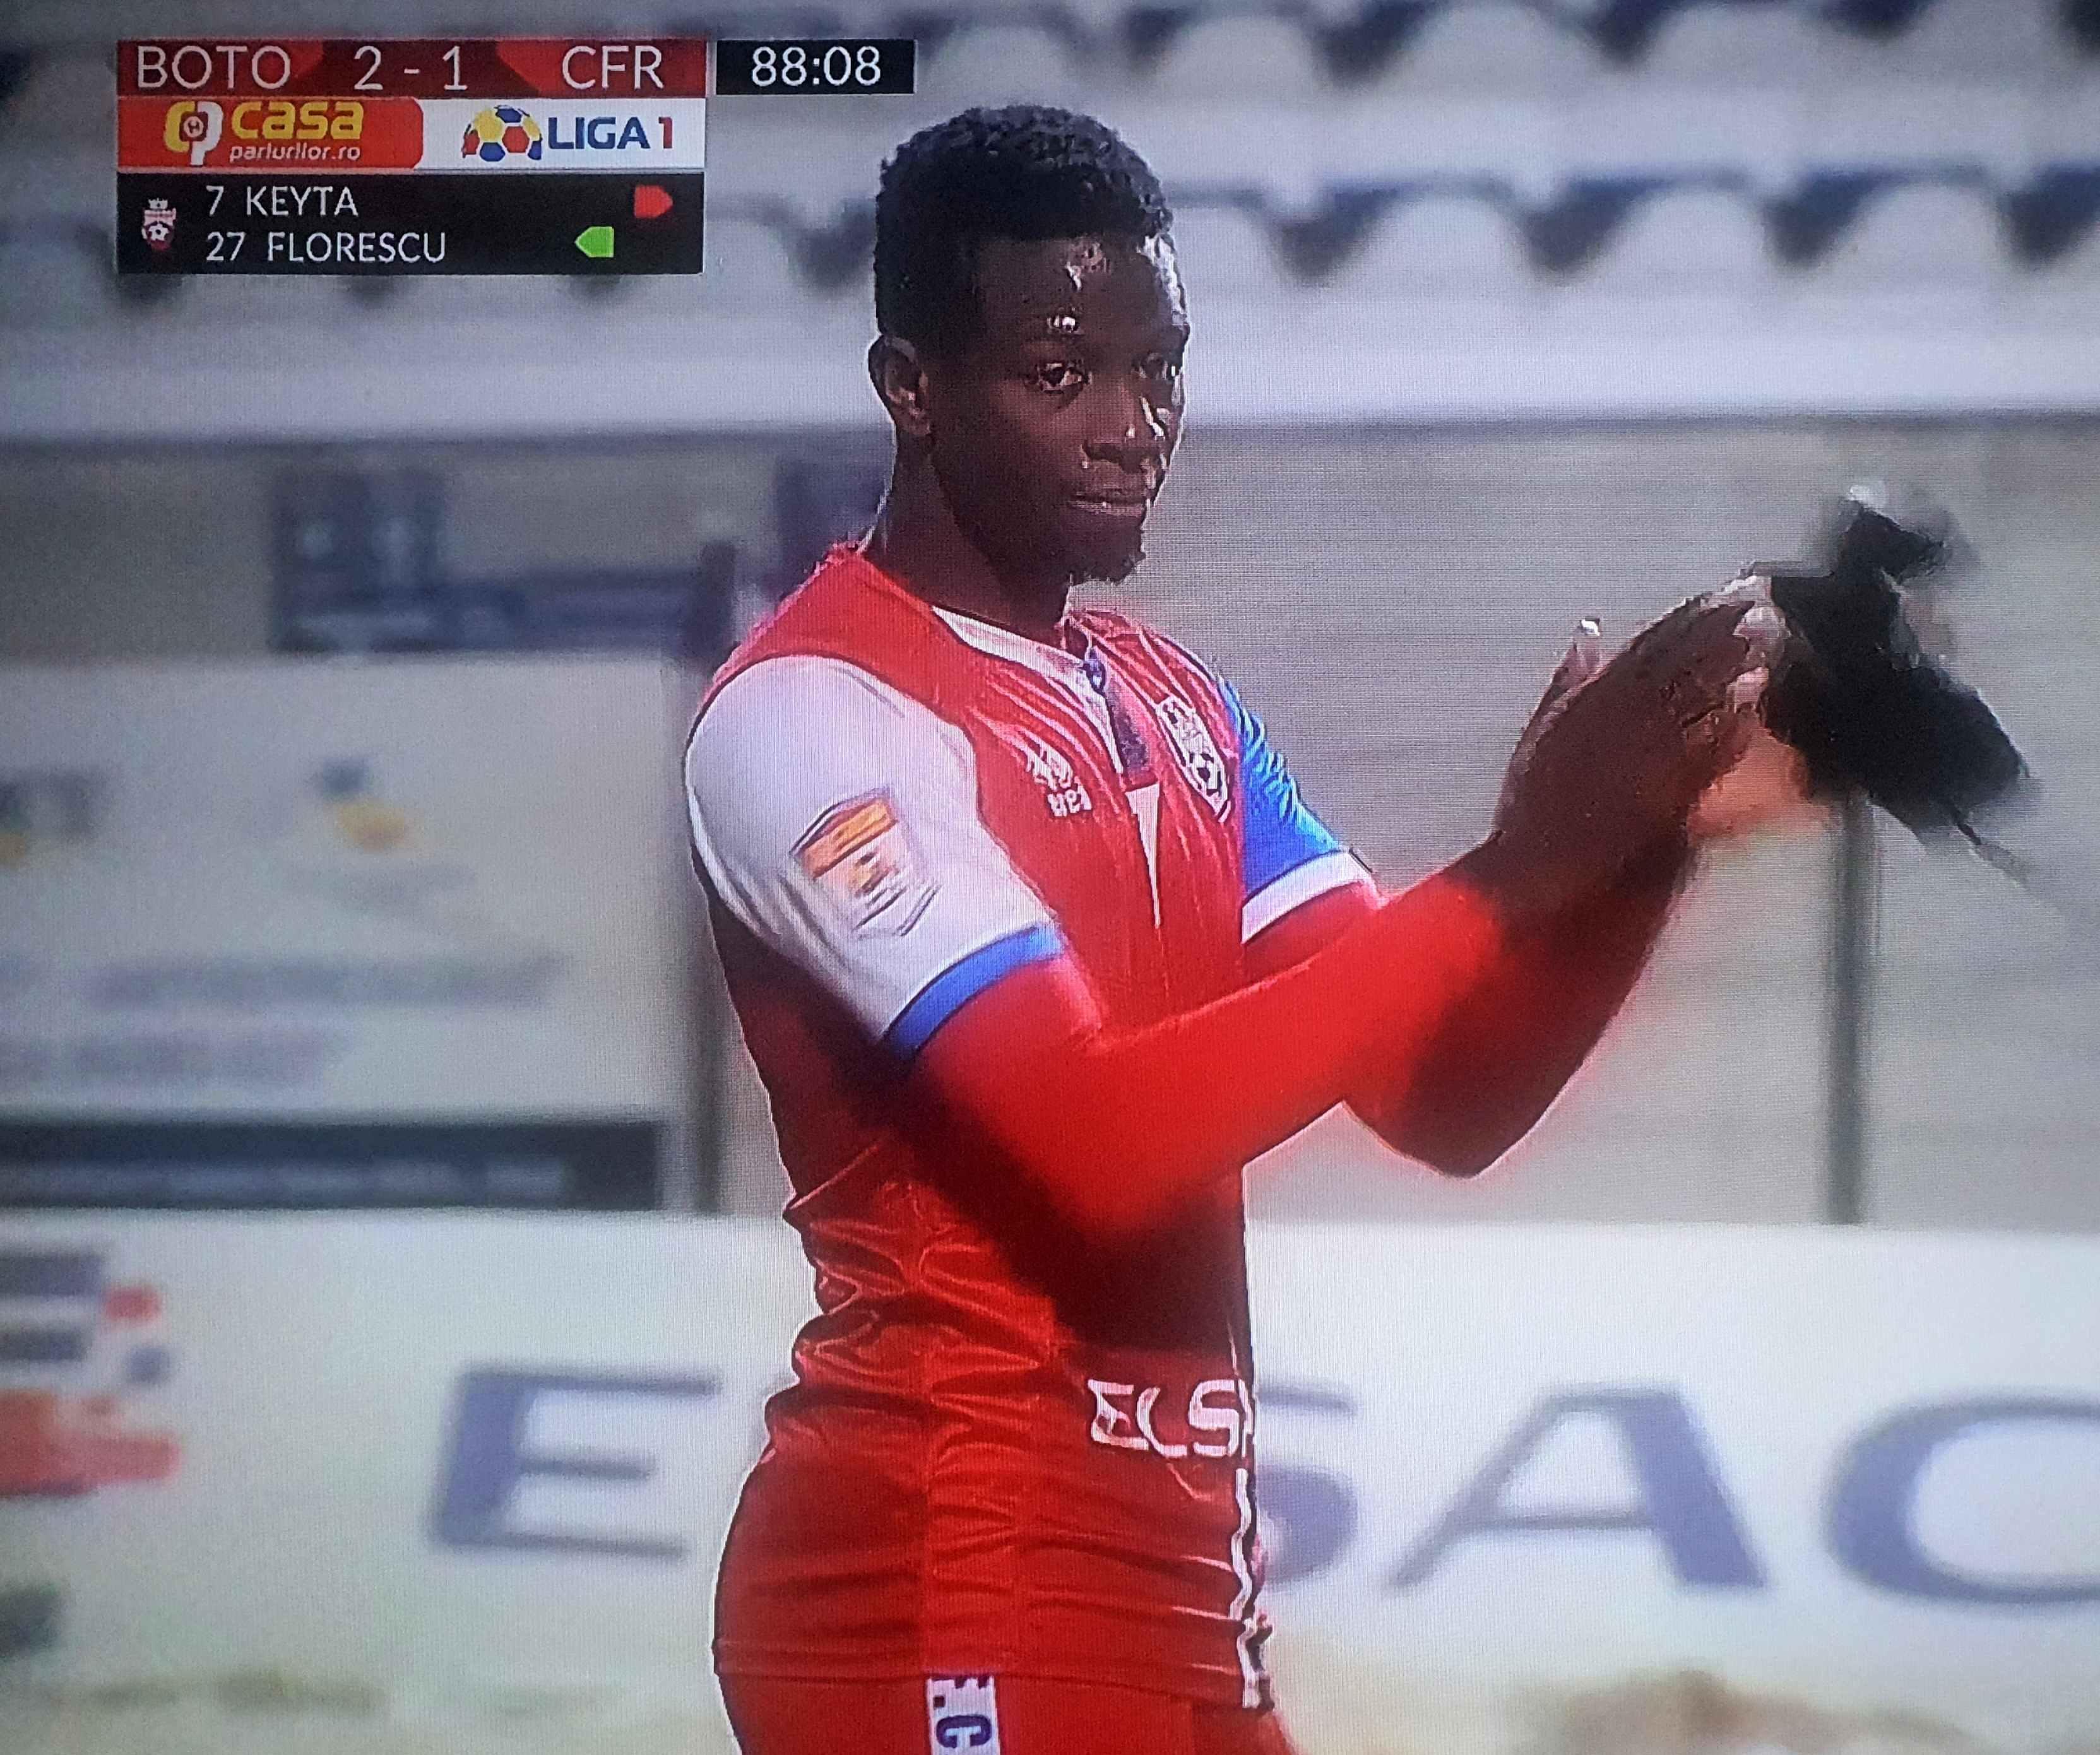 FC Botoșani – CFR Cluj 2-1. VICTORIE  împotriva campioanei